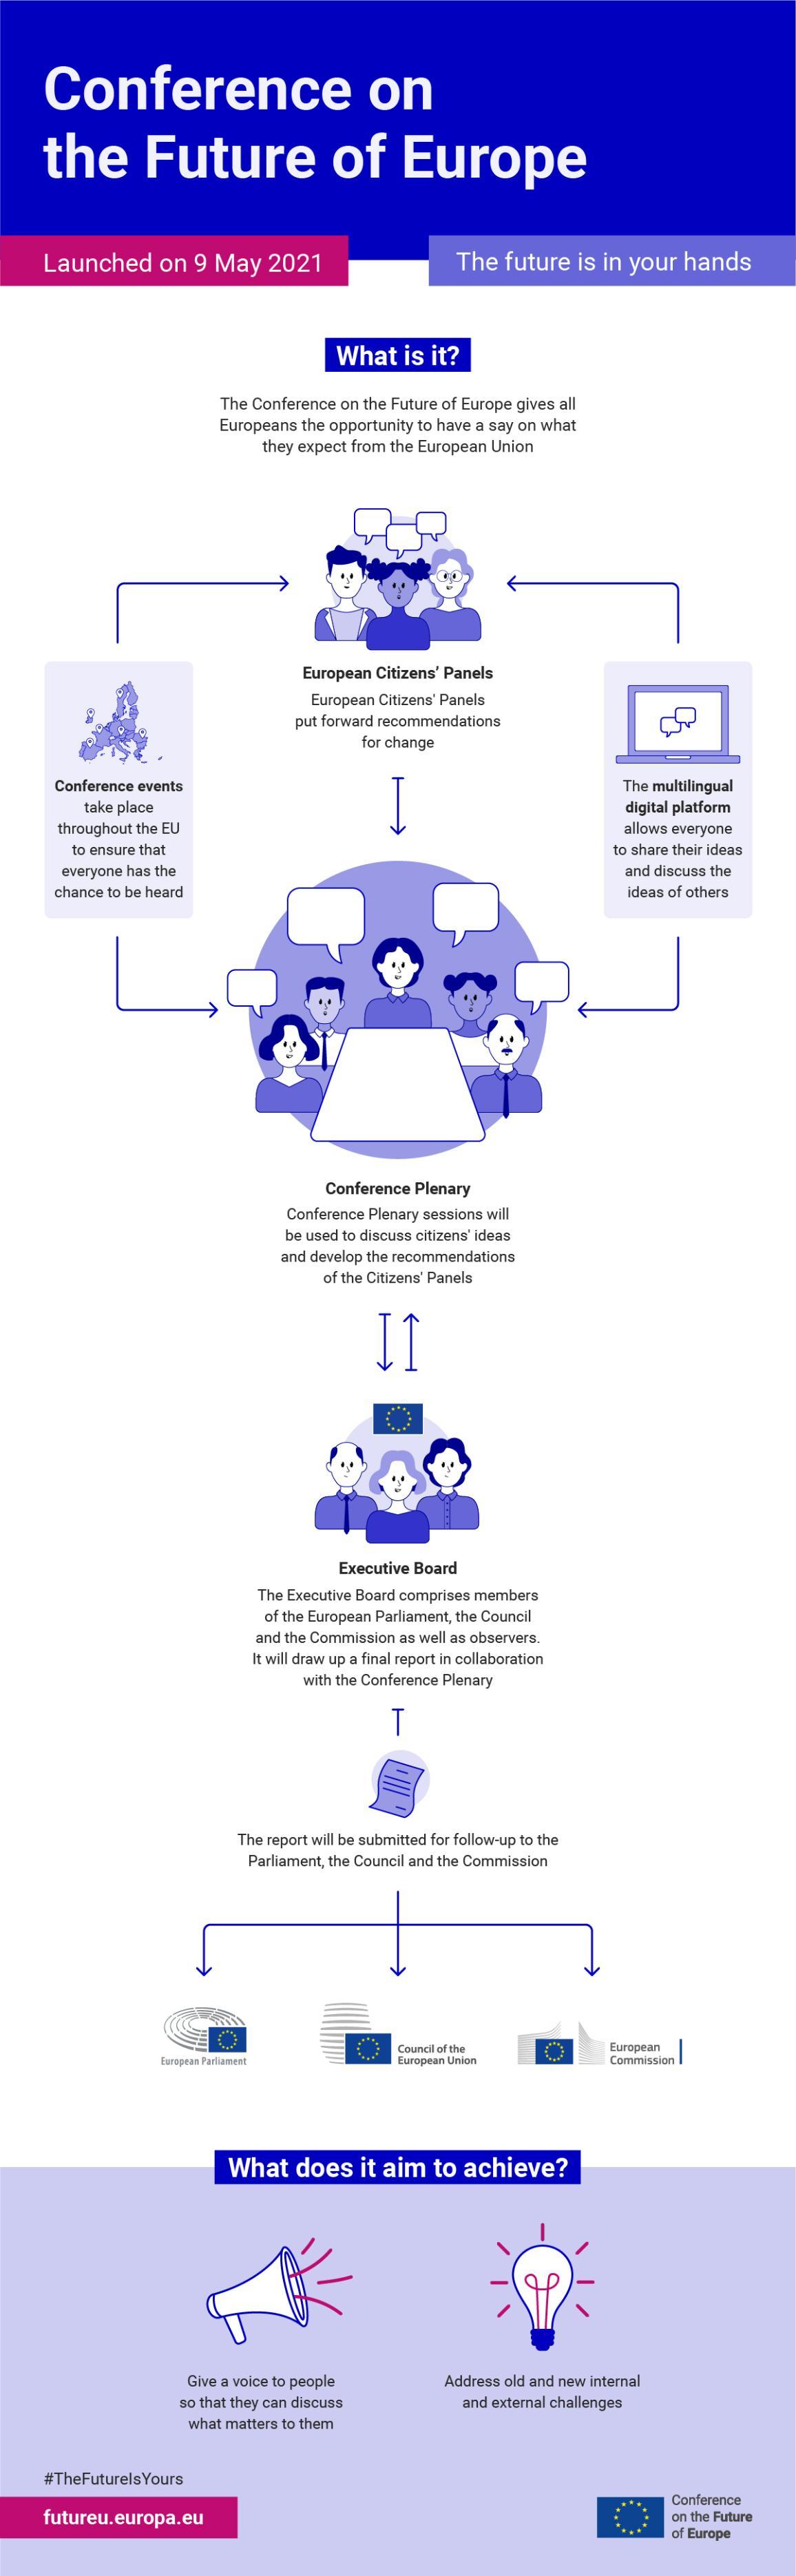 Konferensie oor die toekoms van Europa infographic.